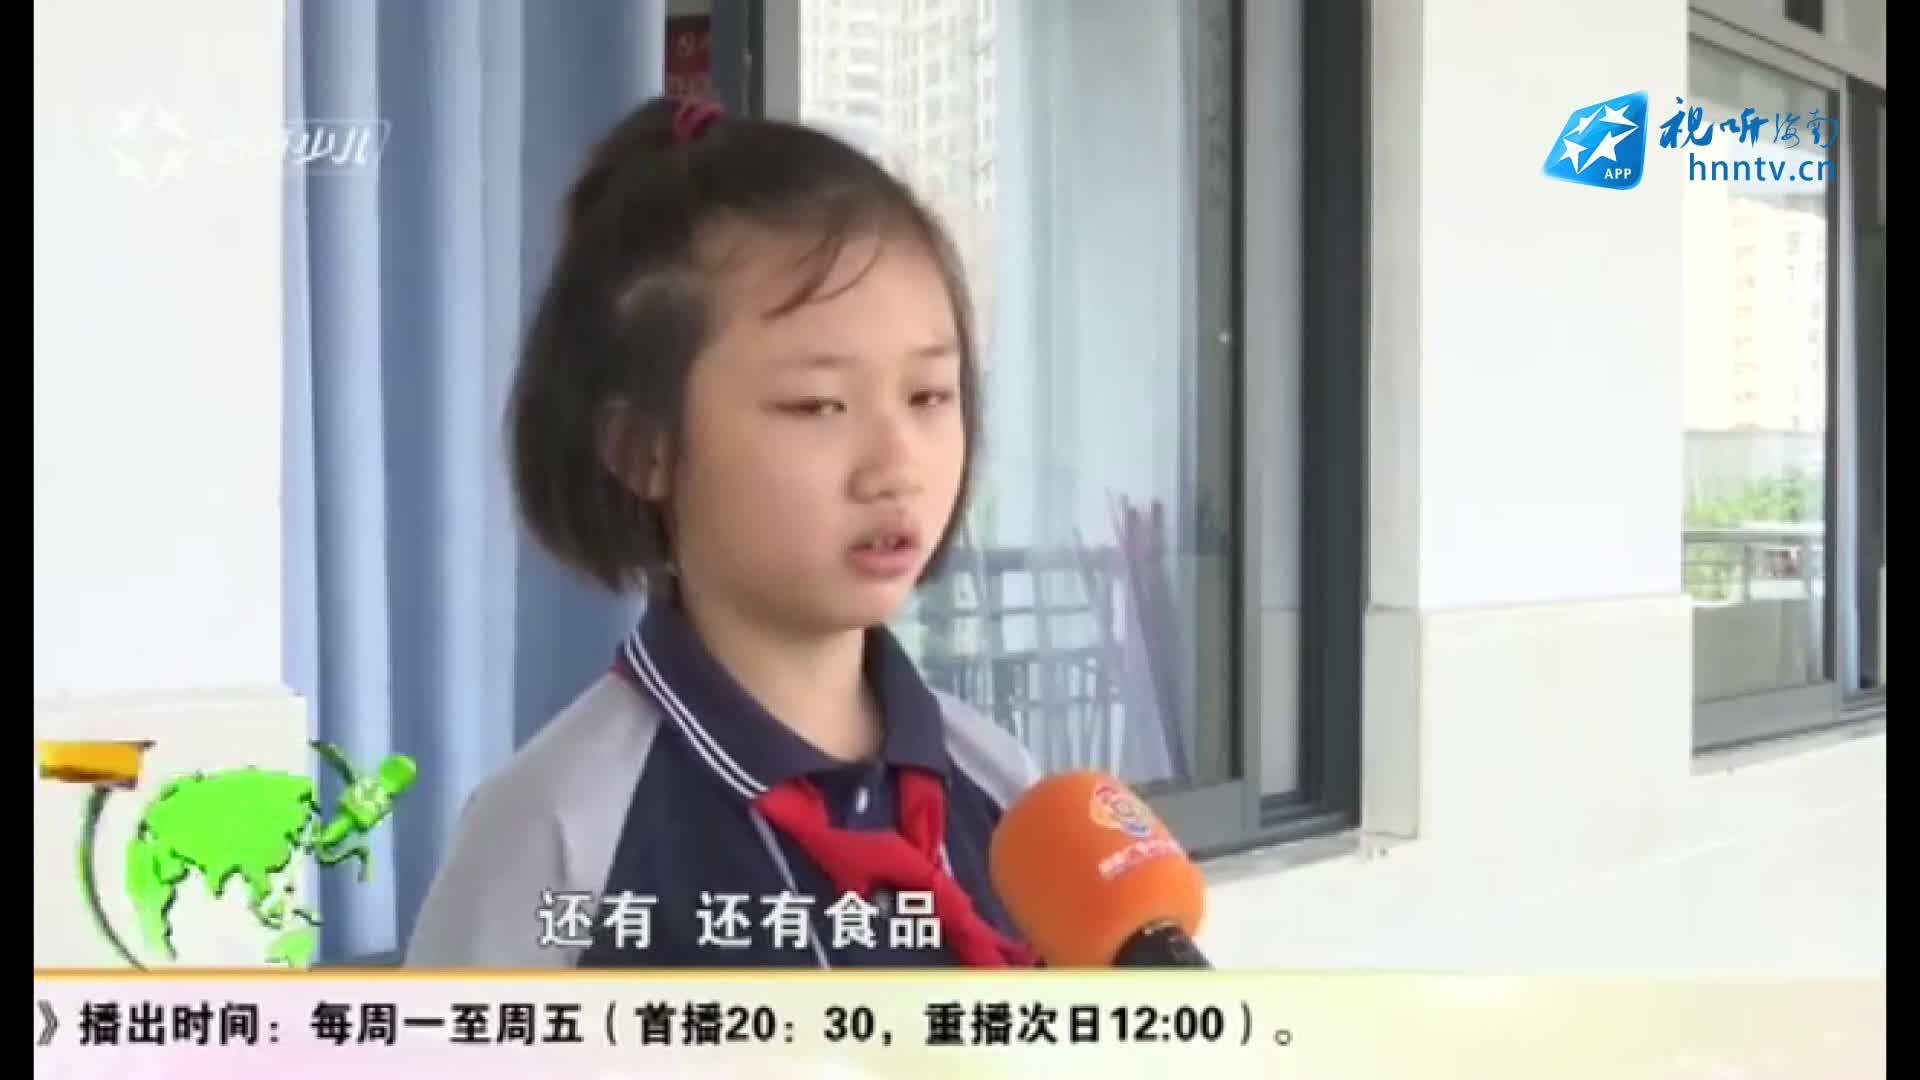 博鳌亚洲论坛在学生眼里是什么样的